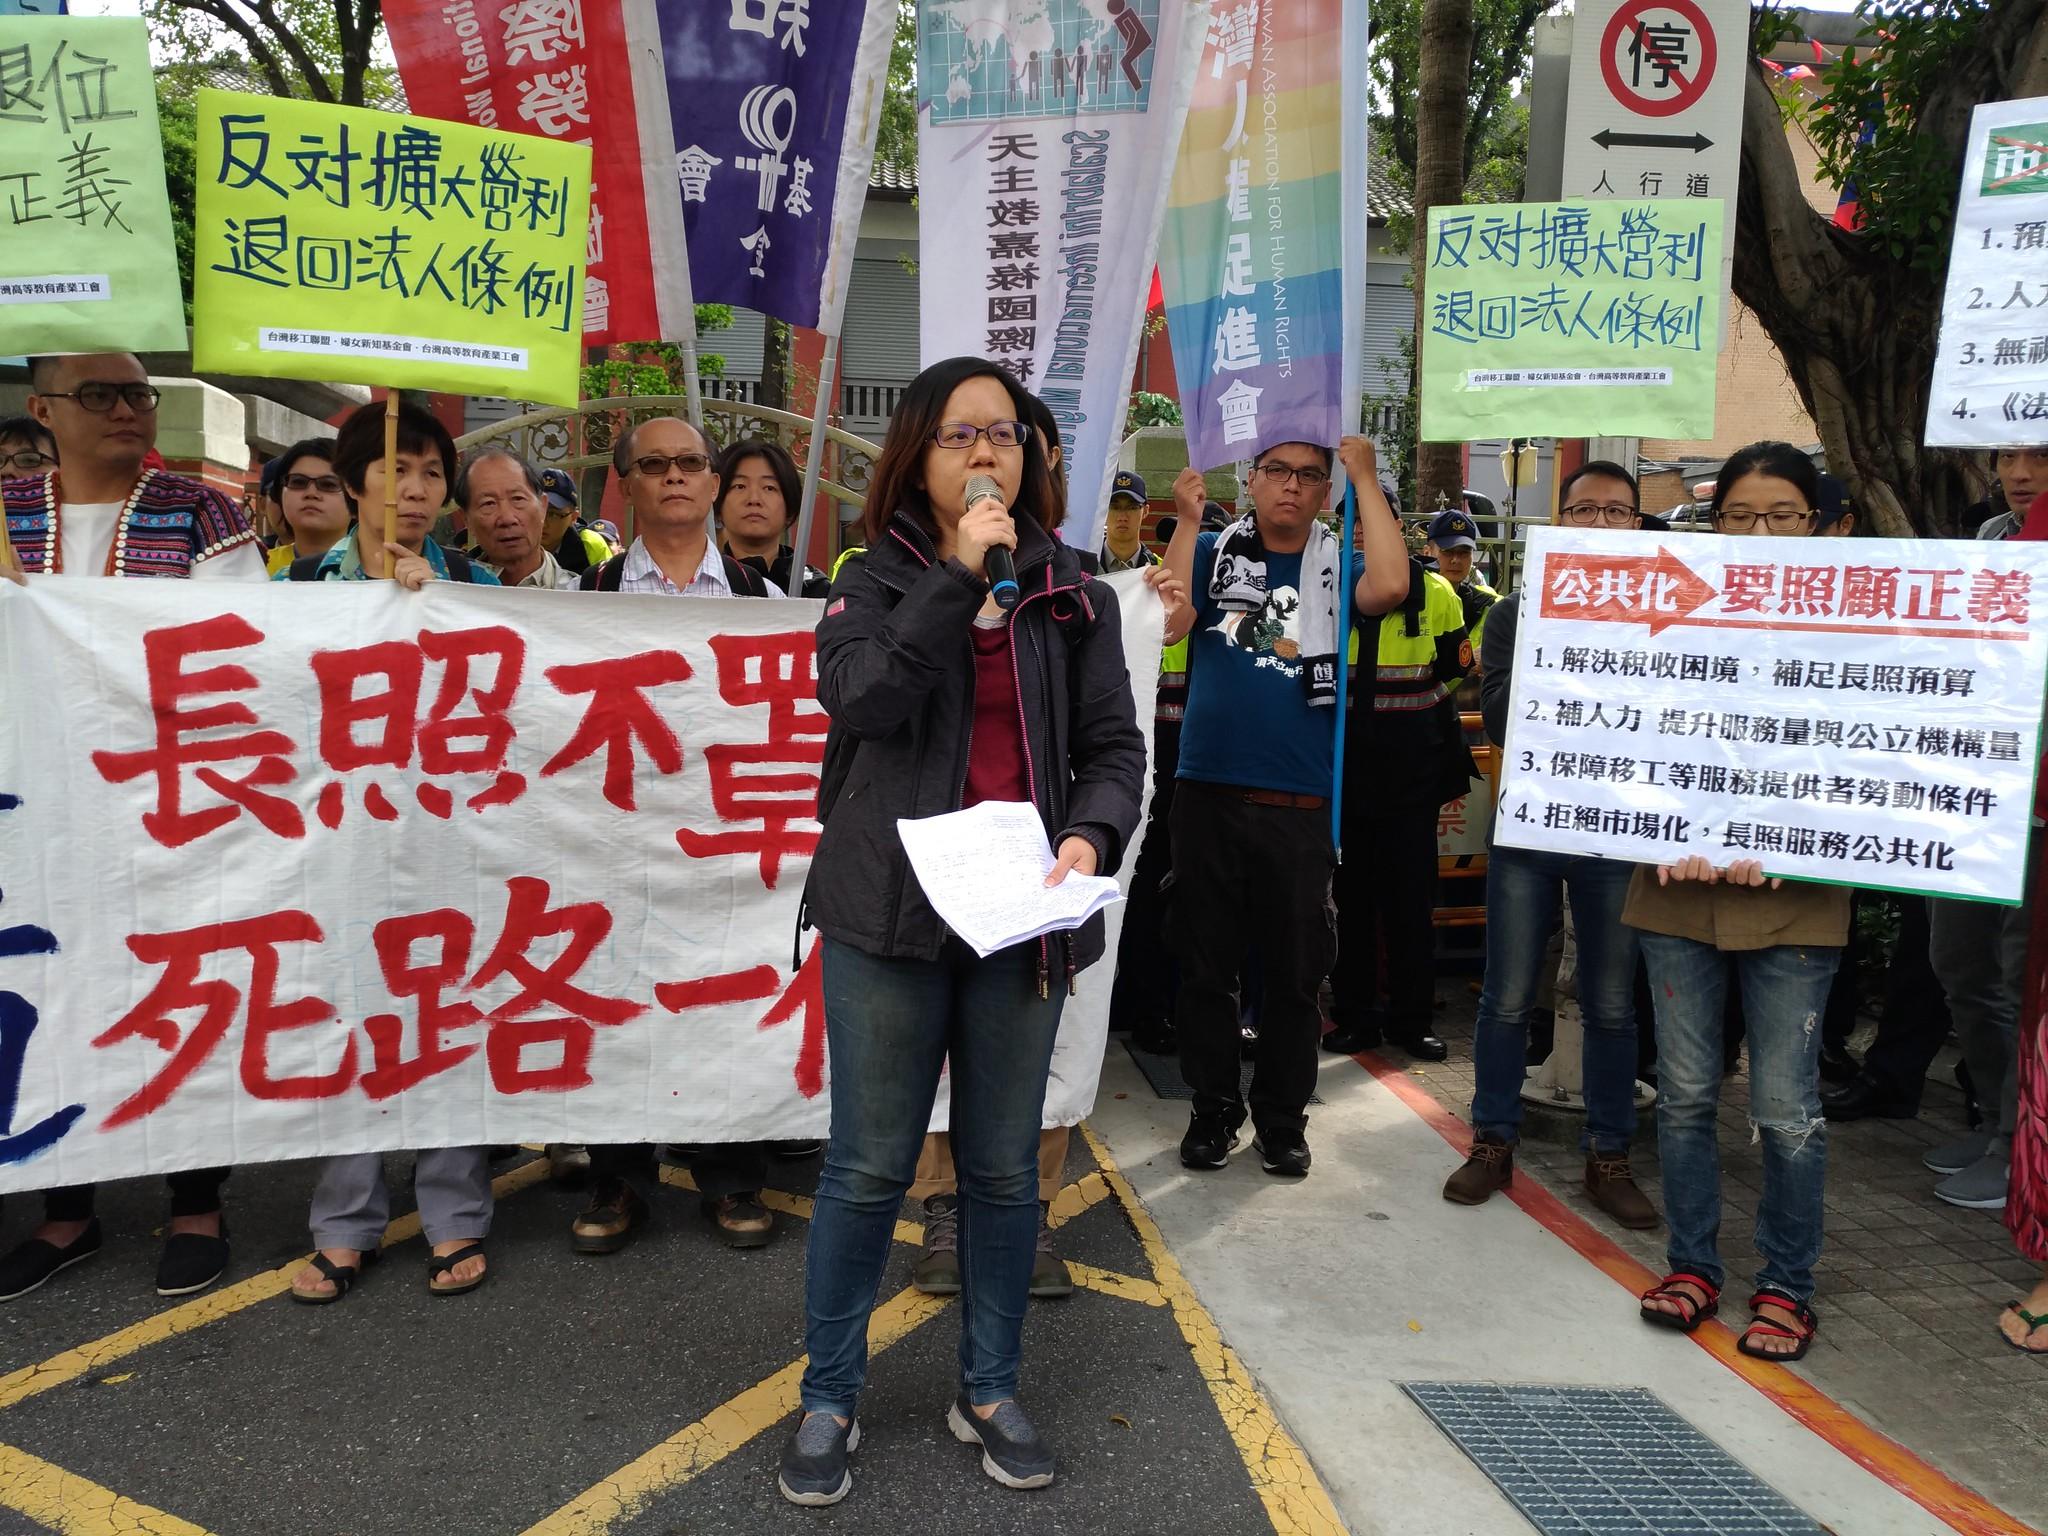 覃玉蓉表示,從2013年執政時期,壽險業者就開始遊說希望能投入長照業,當時是國民黨制定的草案,而今我們抗議的卻是民進黨政府。(攝影: 曾福全)